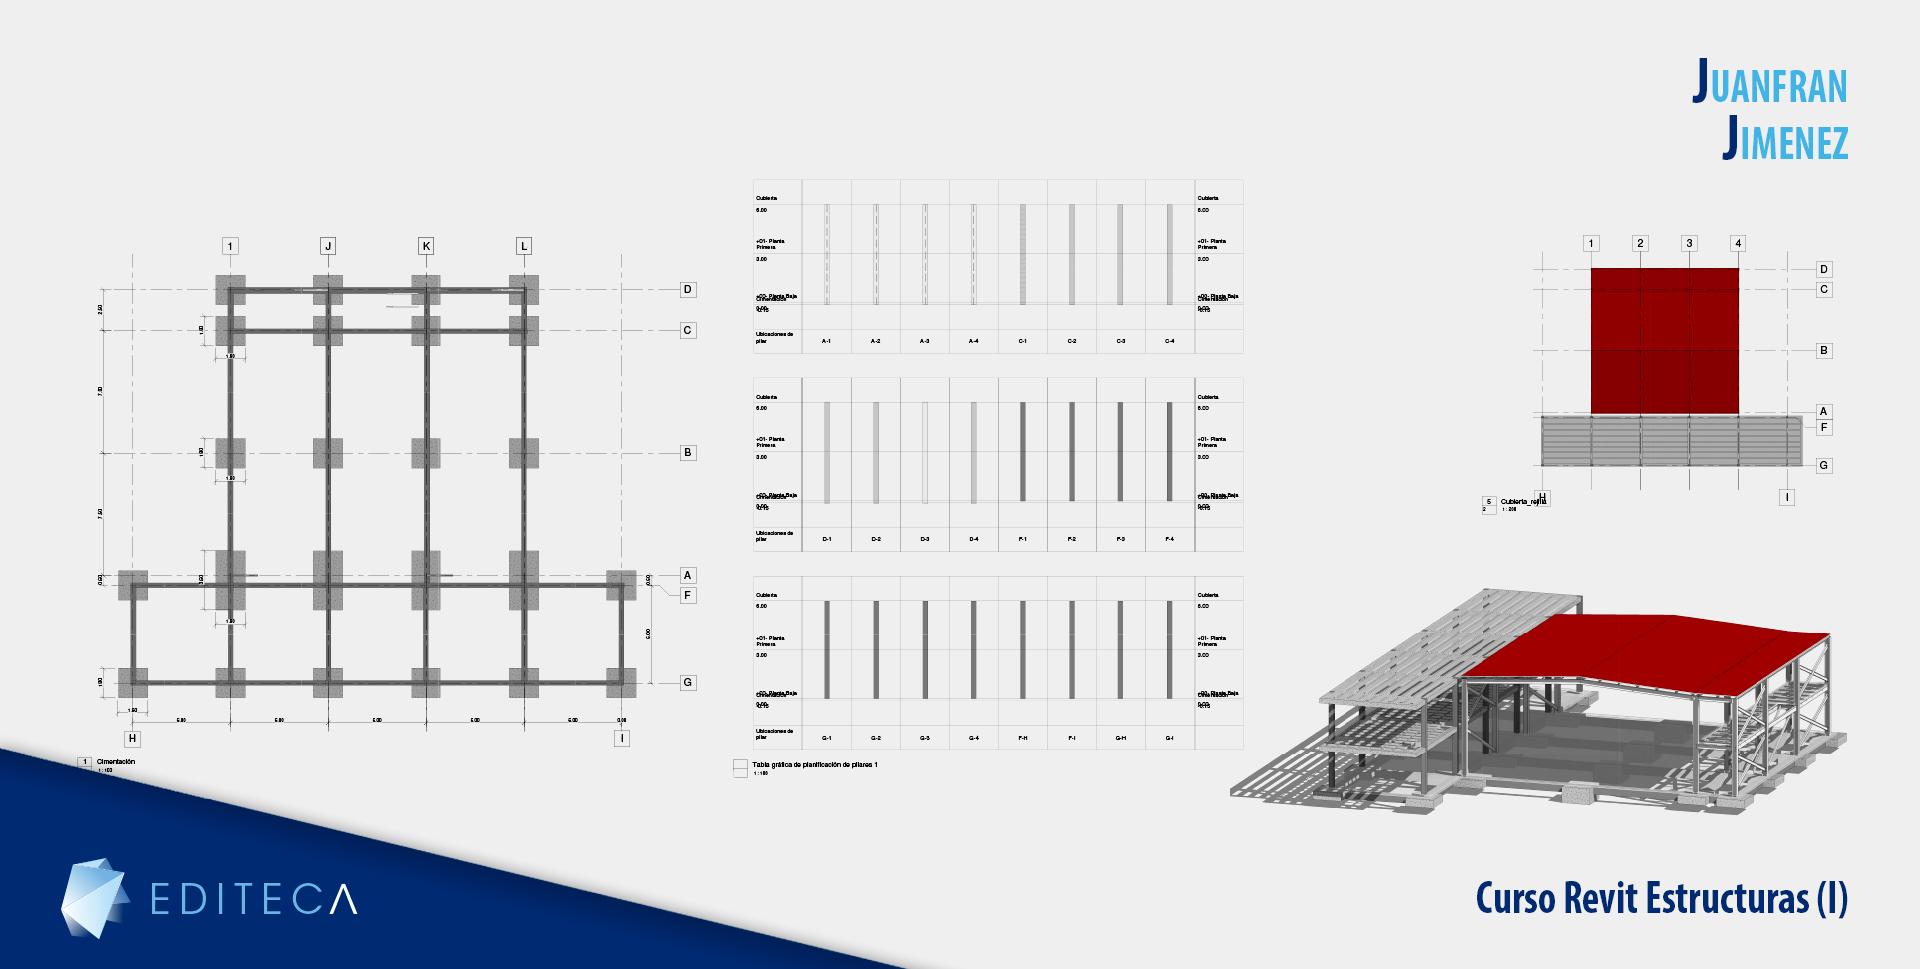 proyecto revit estructuras 1 juanfran